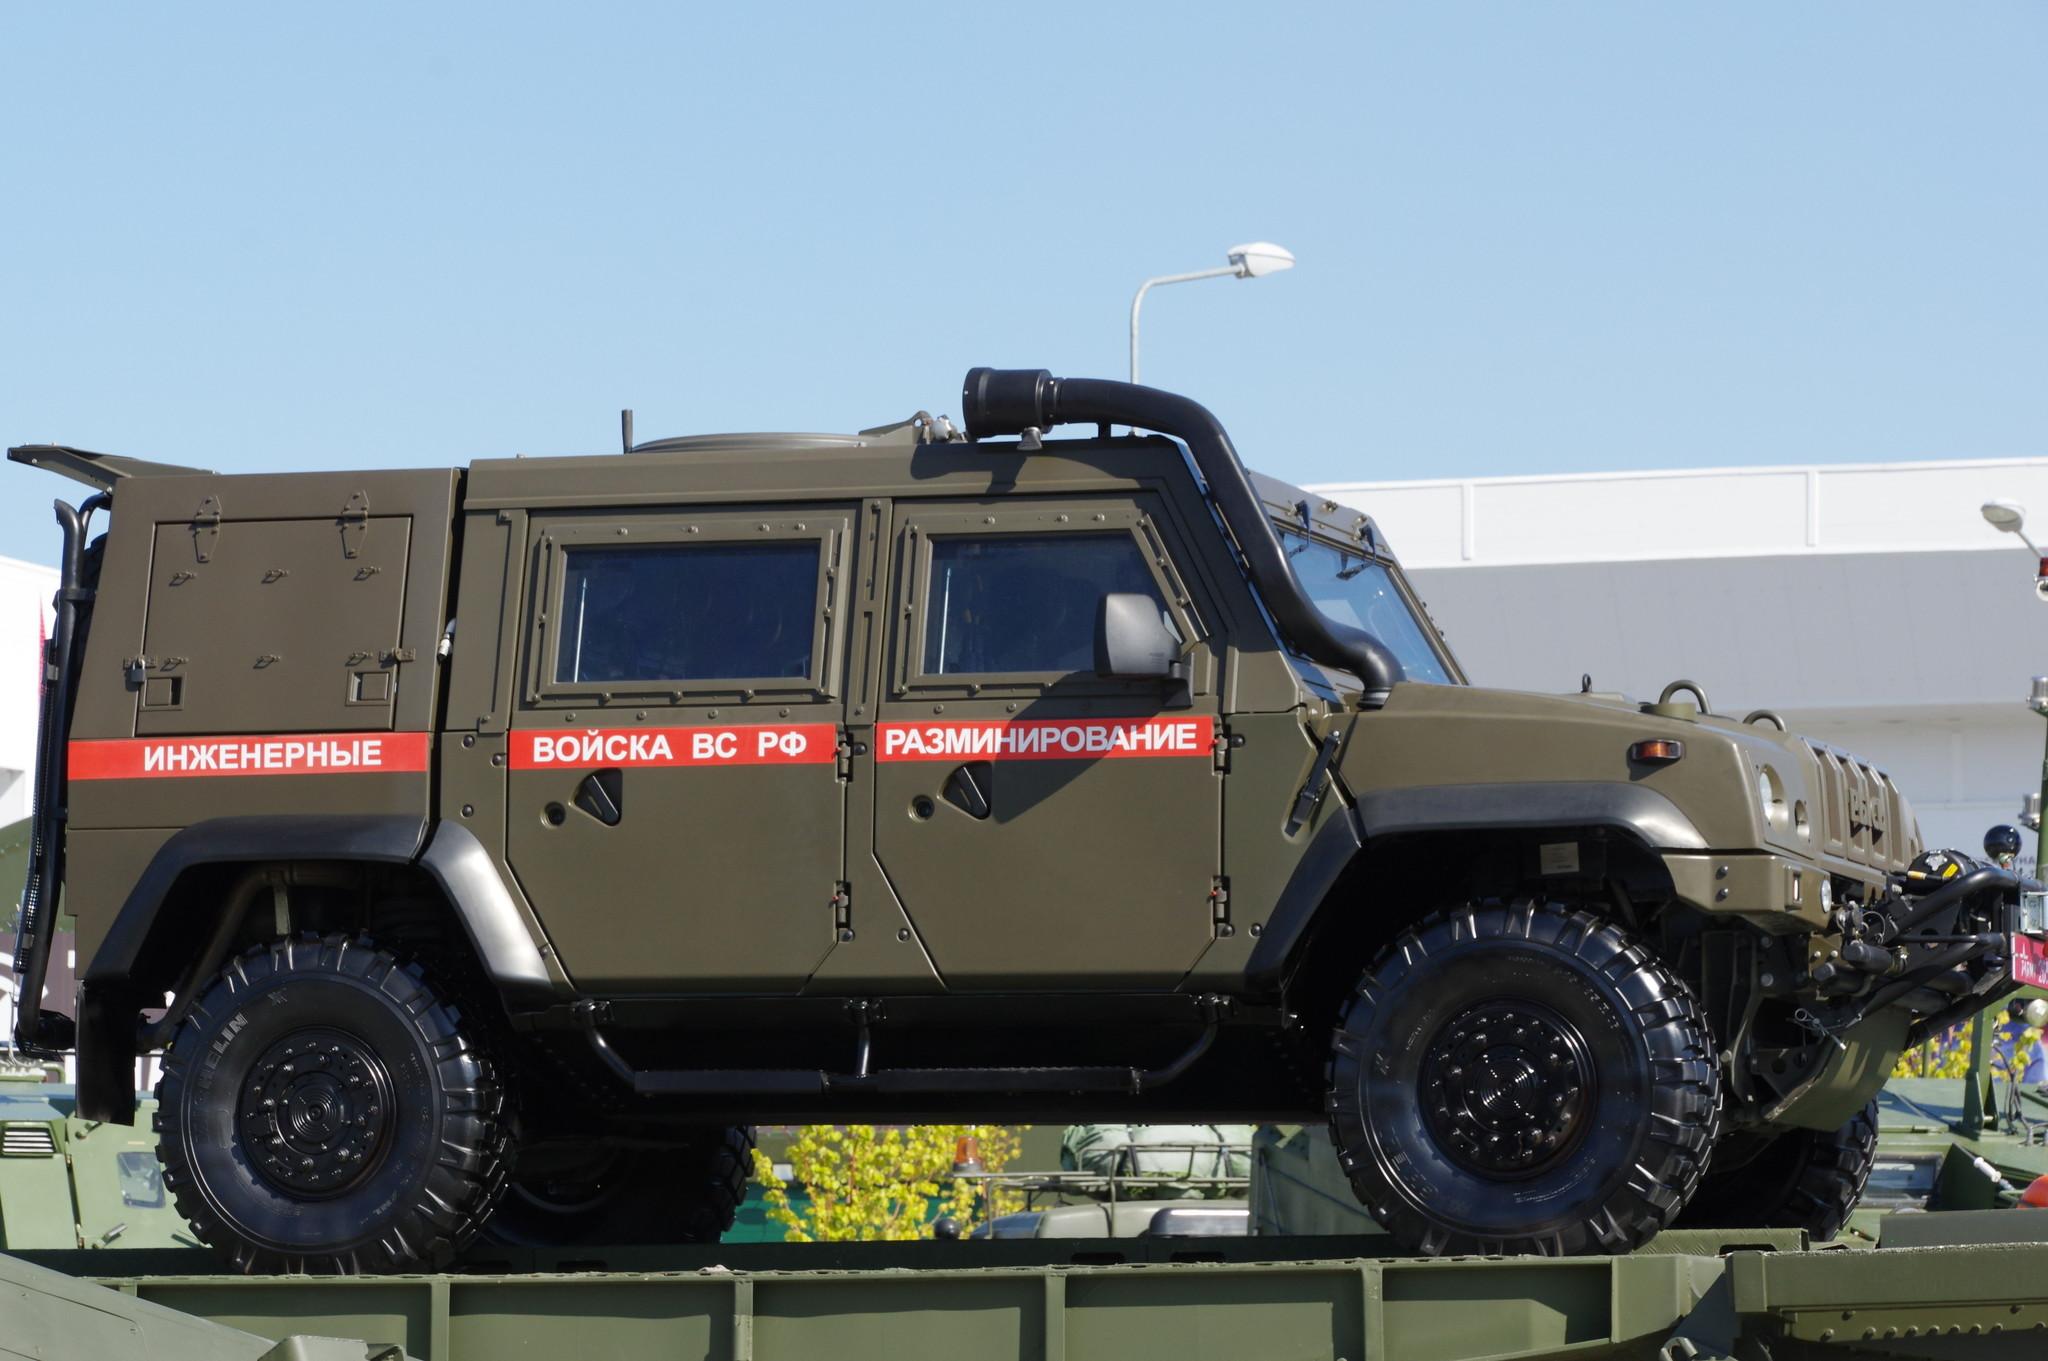 Специальный бронеавтомобиль «Рысь» инженерных войск ВС РФ